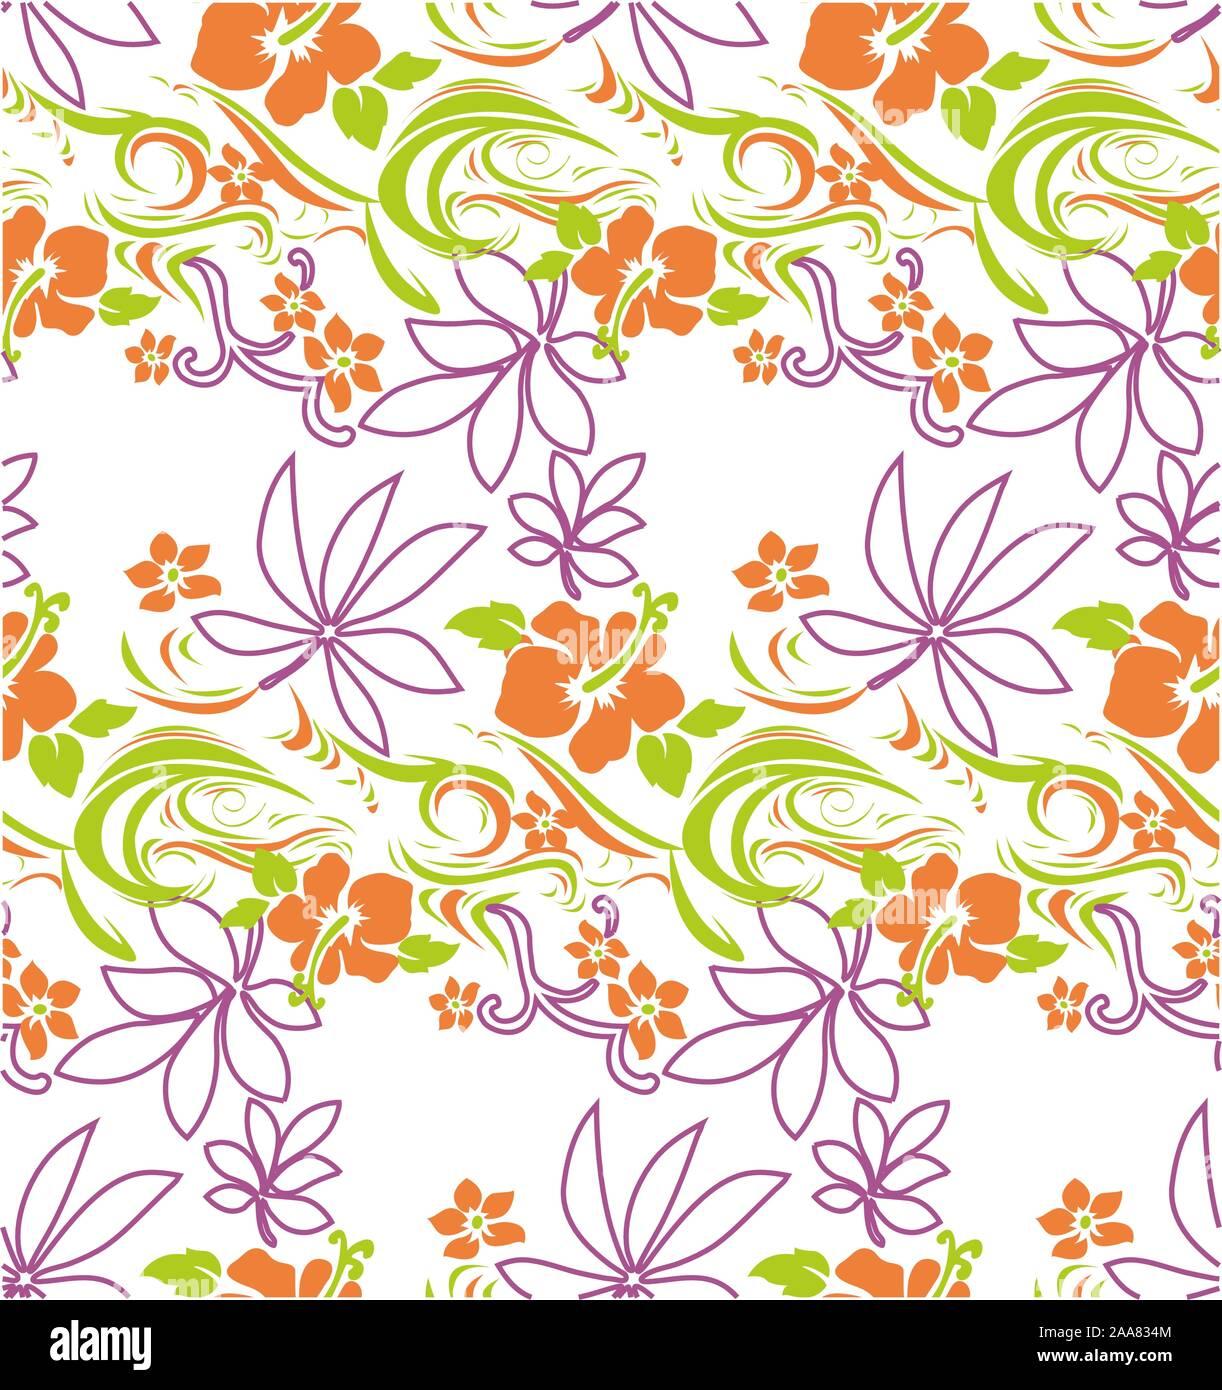 Lindo color flores de vectores. Seamless patrón floral sobre fondo blanco. Ilustración del Vector